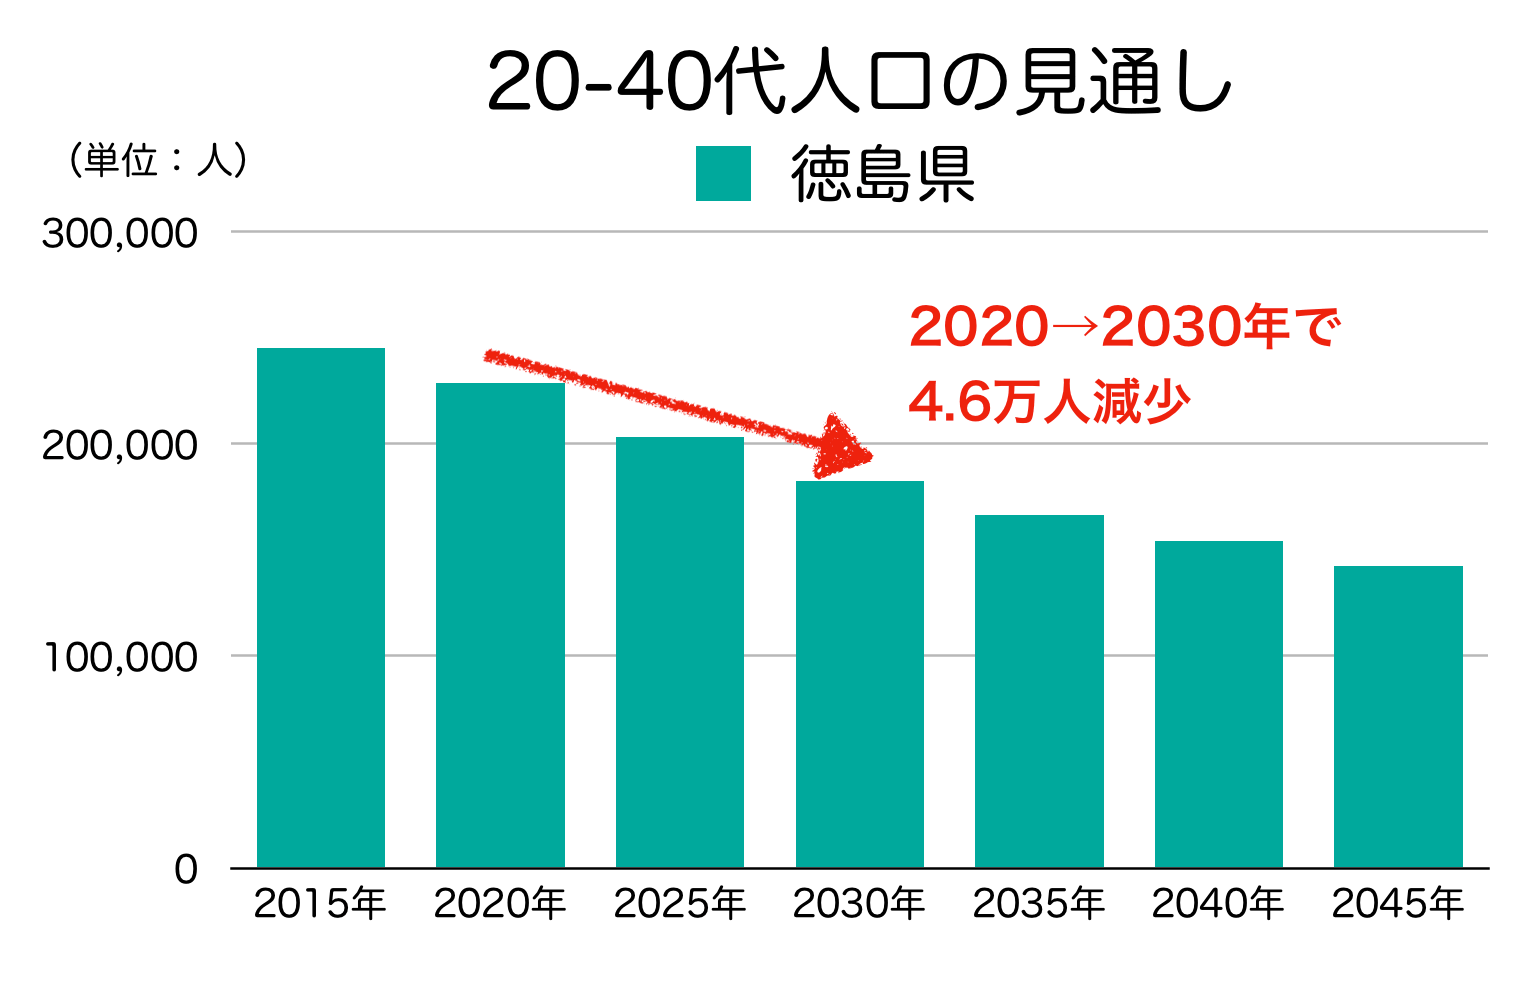 徳島県の20-40代人口の見通し